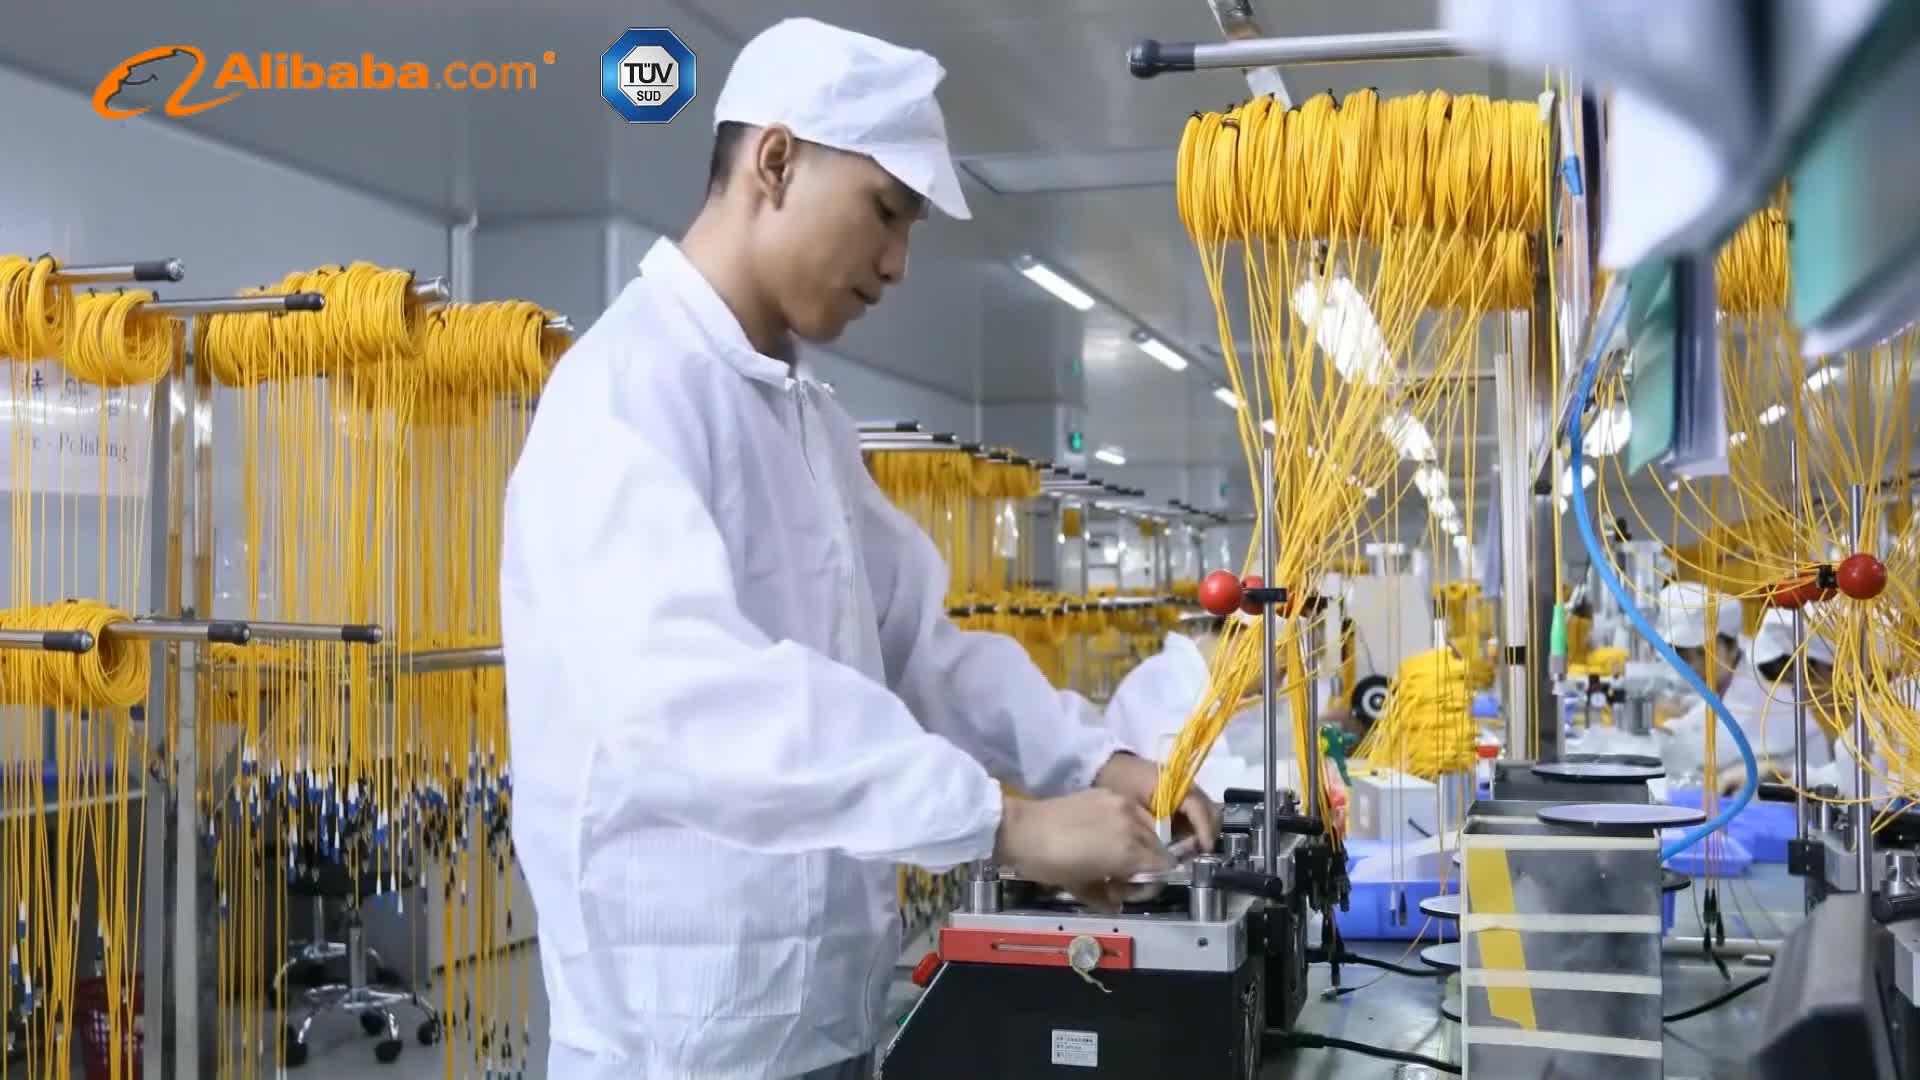 Patchkabel für Telekommunikation Om4 Lc Duplex zu Lc Duplex 1,2 mm Glasfaserkabel